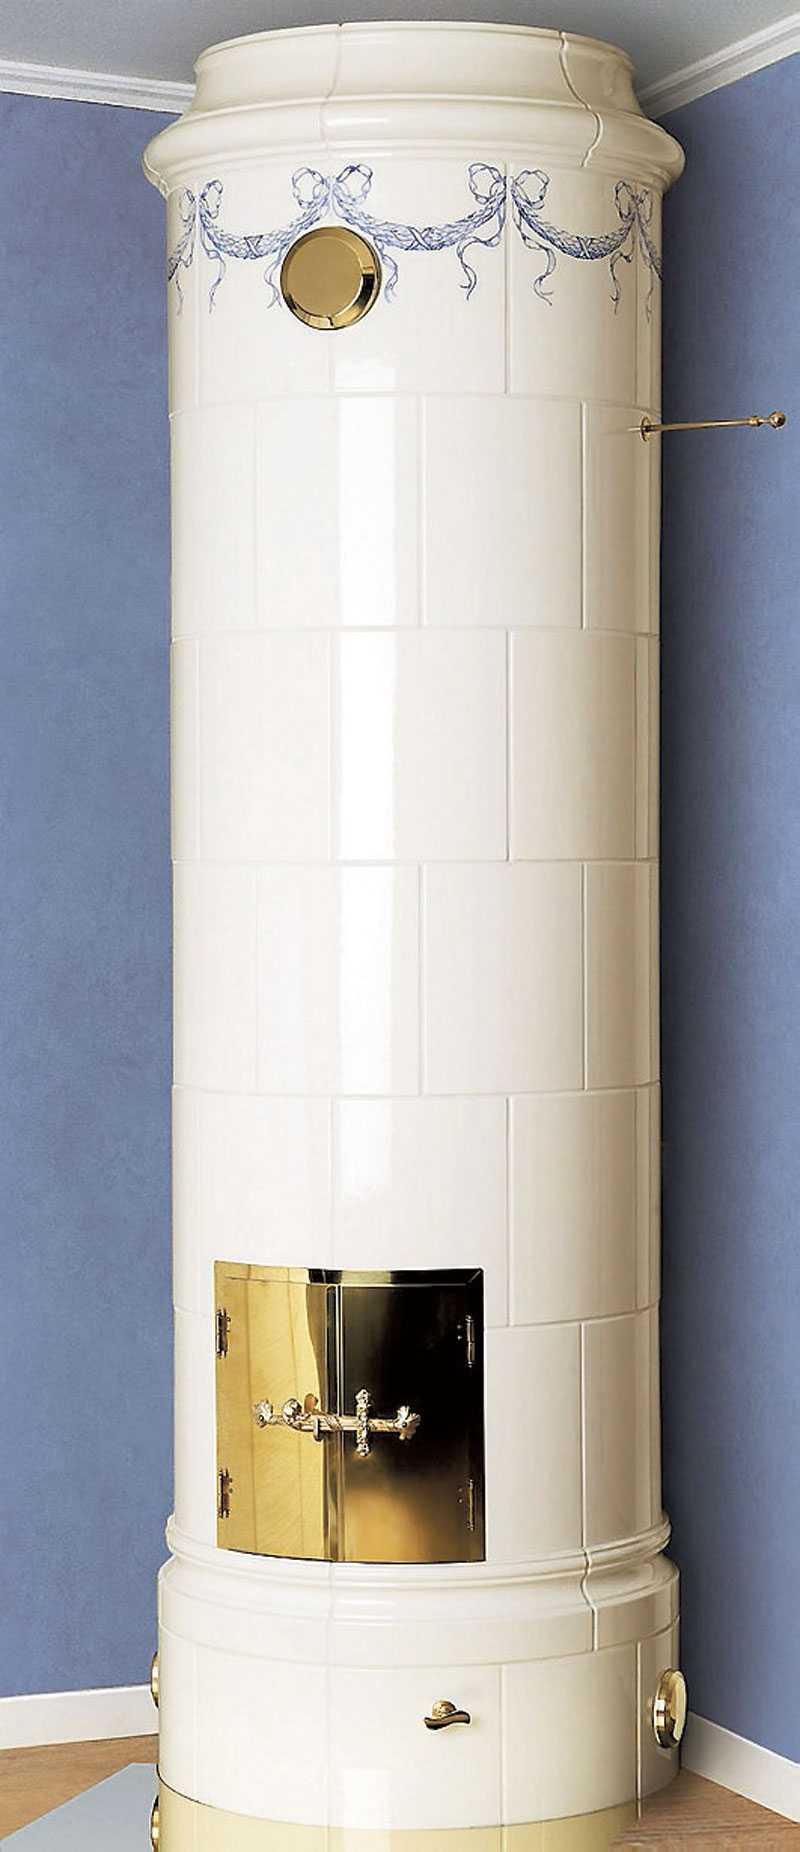 Christineberg. Klassisk svensk kakelugn, passar både mot hörn och vägg. Äggskalsvitt kakel med koboltblå dekor. Pris: 55500 kr. www.keddy.se